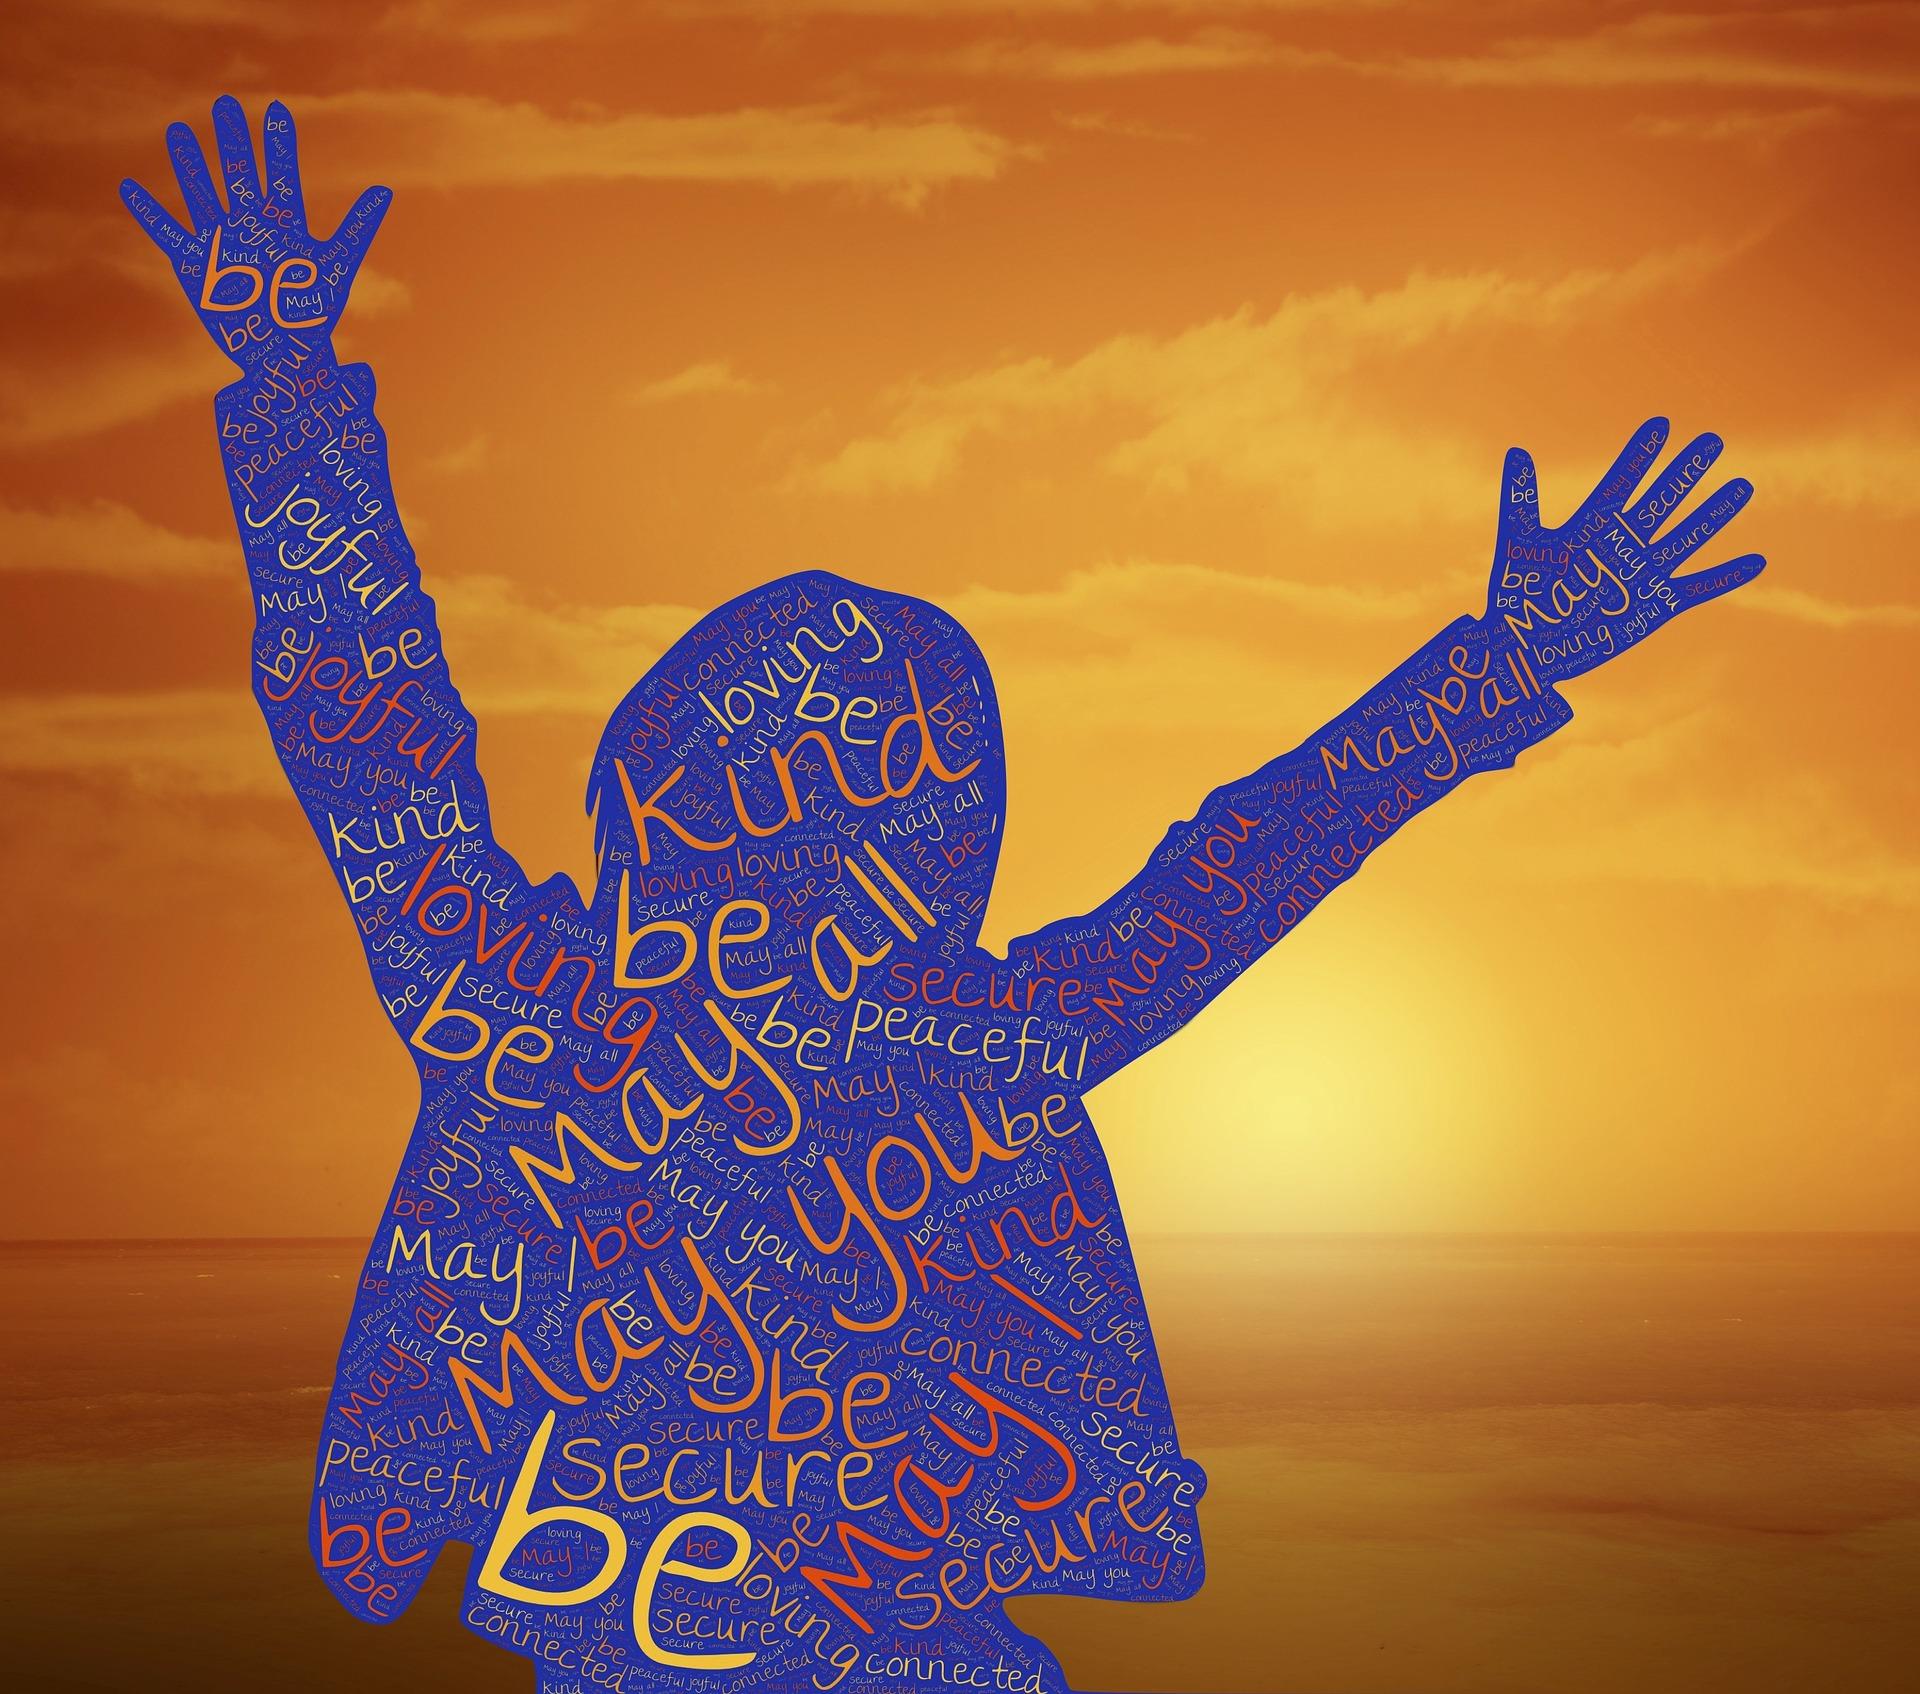 kindness-1353773_1920